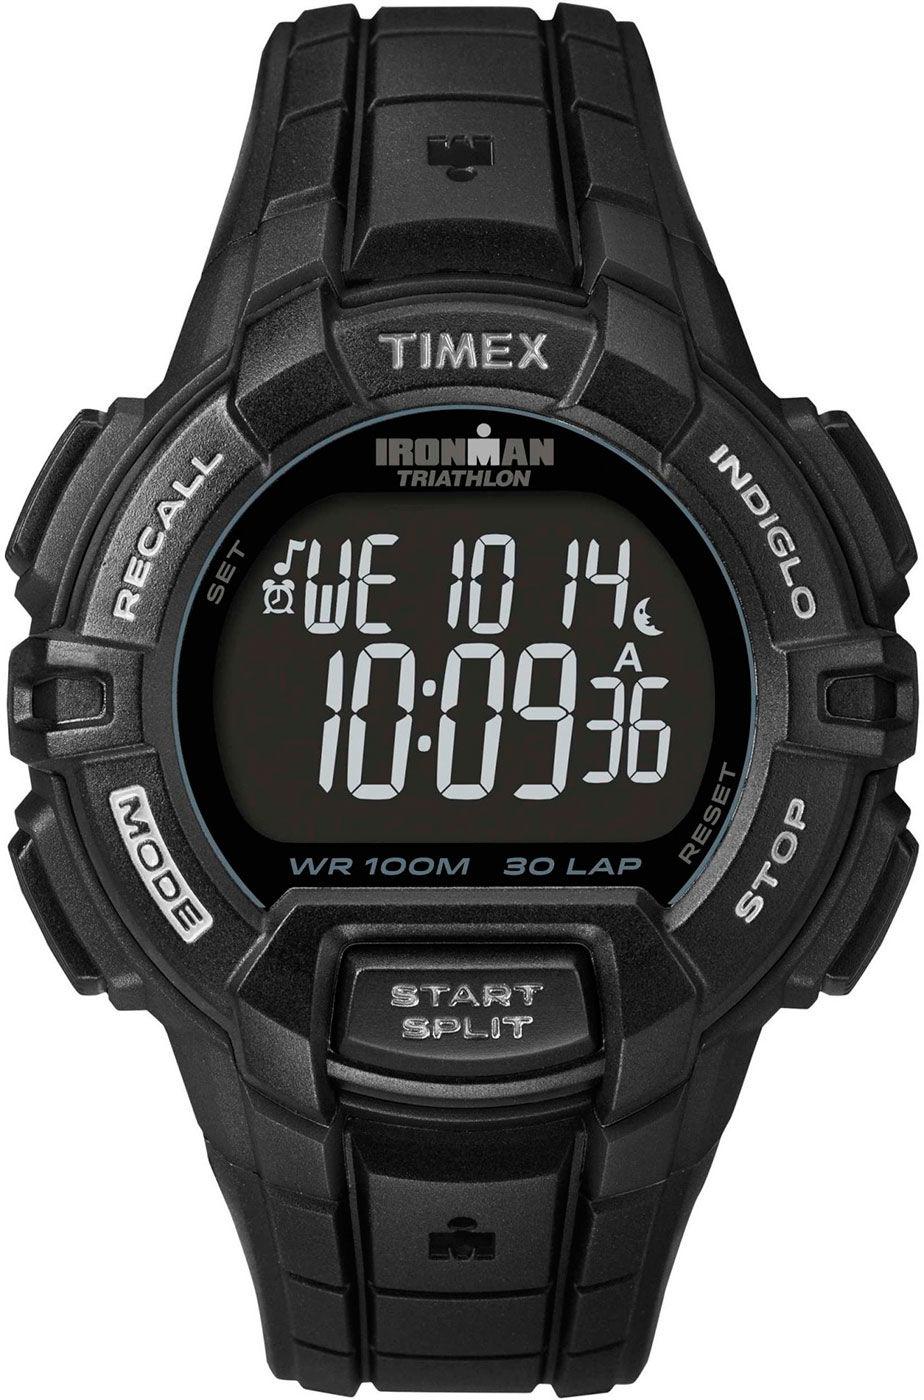 165aa4e86 Timex Ironman T5K793. Pánské hodinky - plastový řemínek, plast pouzdro,  plastové sklíčko. Veškeré technické parametry naleznete níže